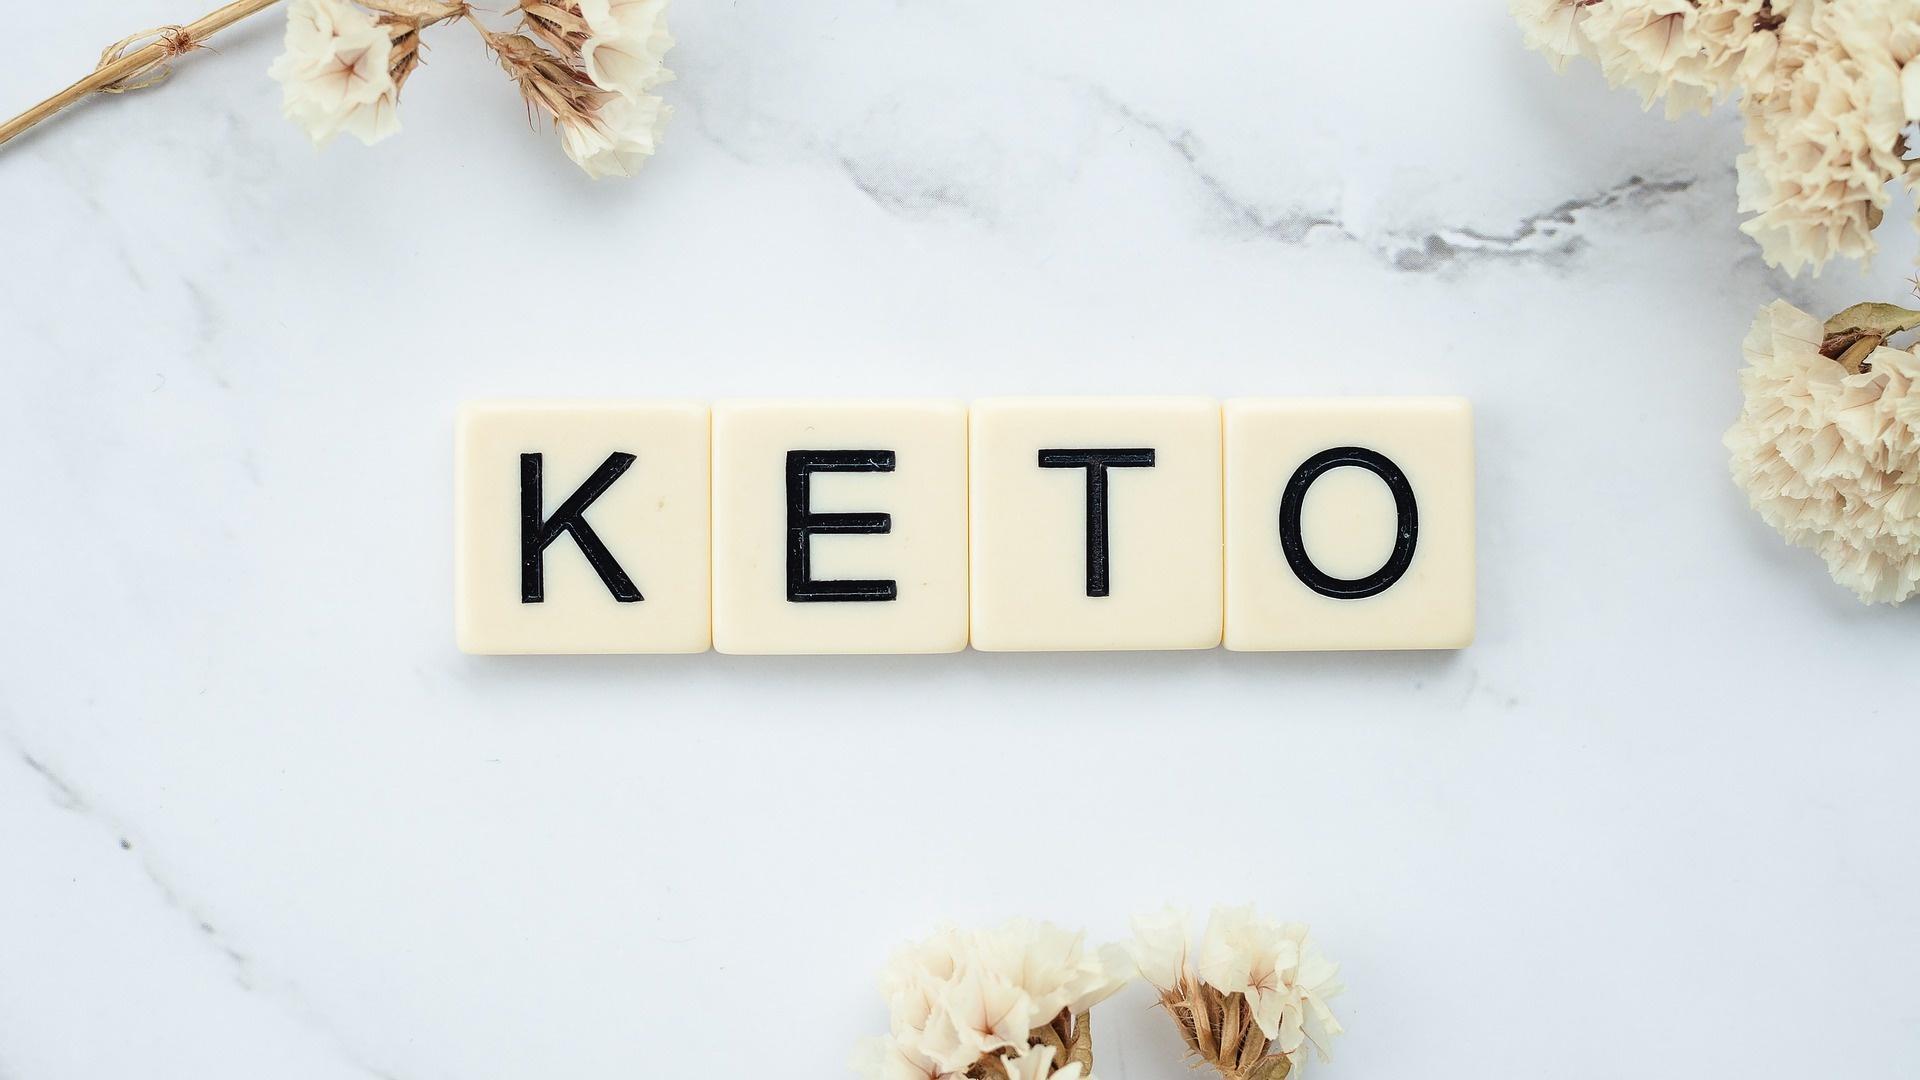 Ketogene Diät bei Epilepsie: Was Sie darüber wissen sollten